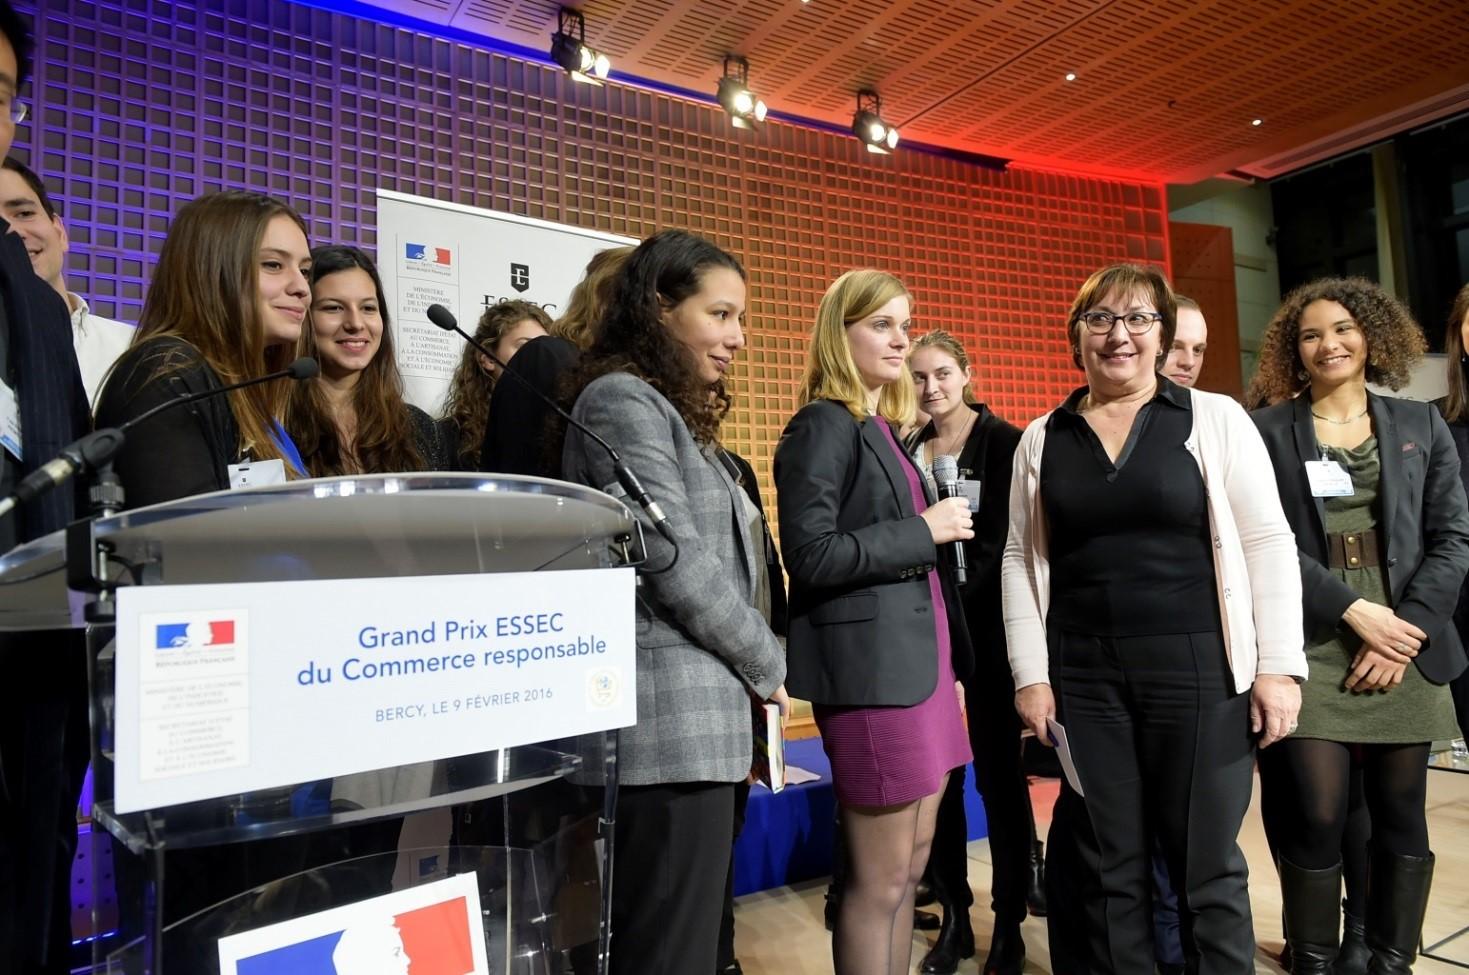 3ème édition du Grand Prix ESSEC du Commerce Responsable : Carrefour remporte le Grand Prix 2016